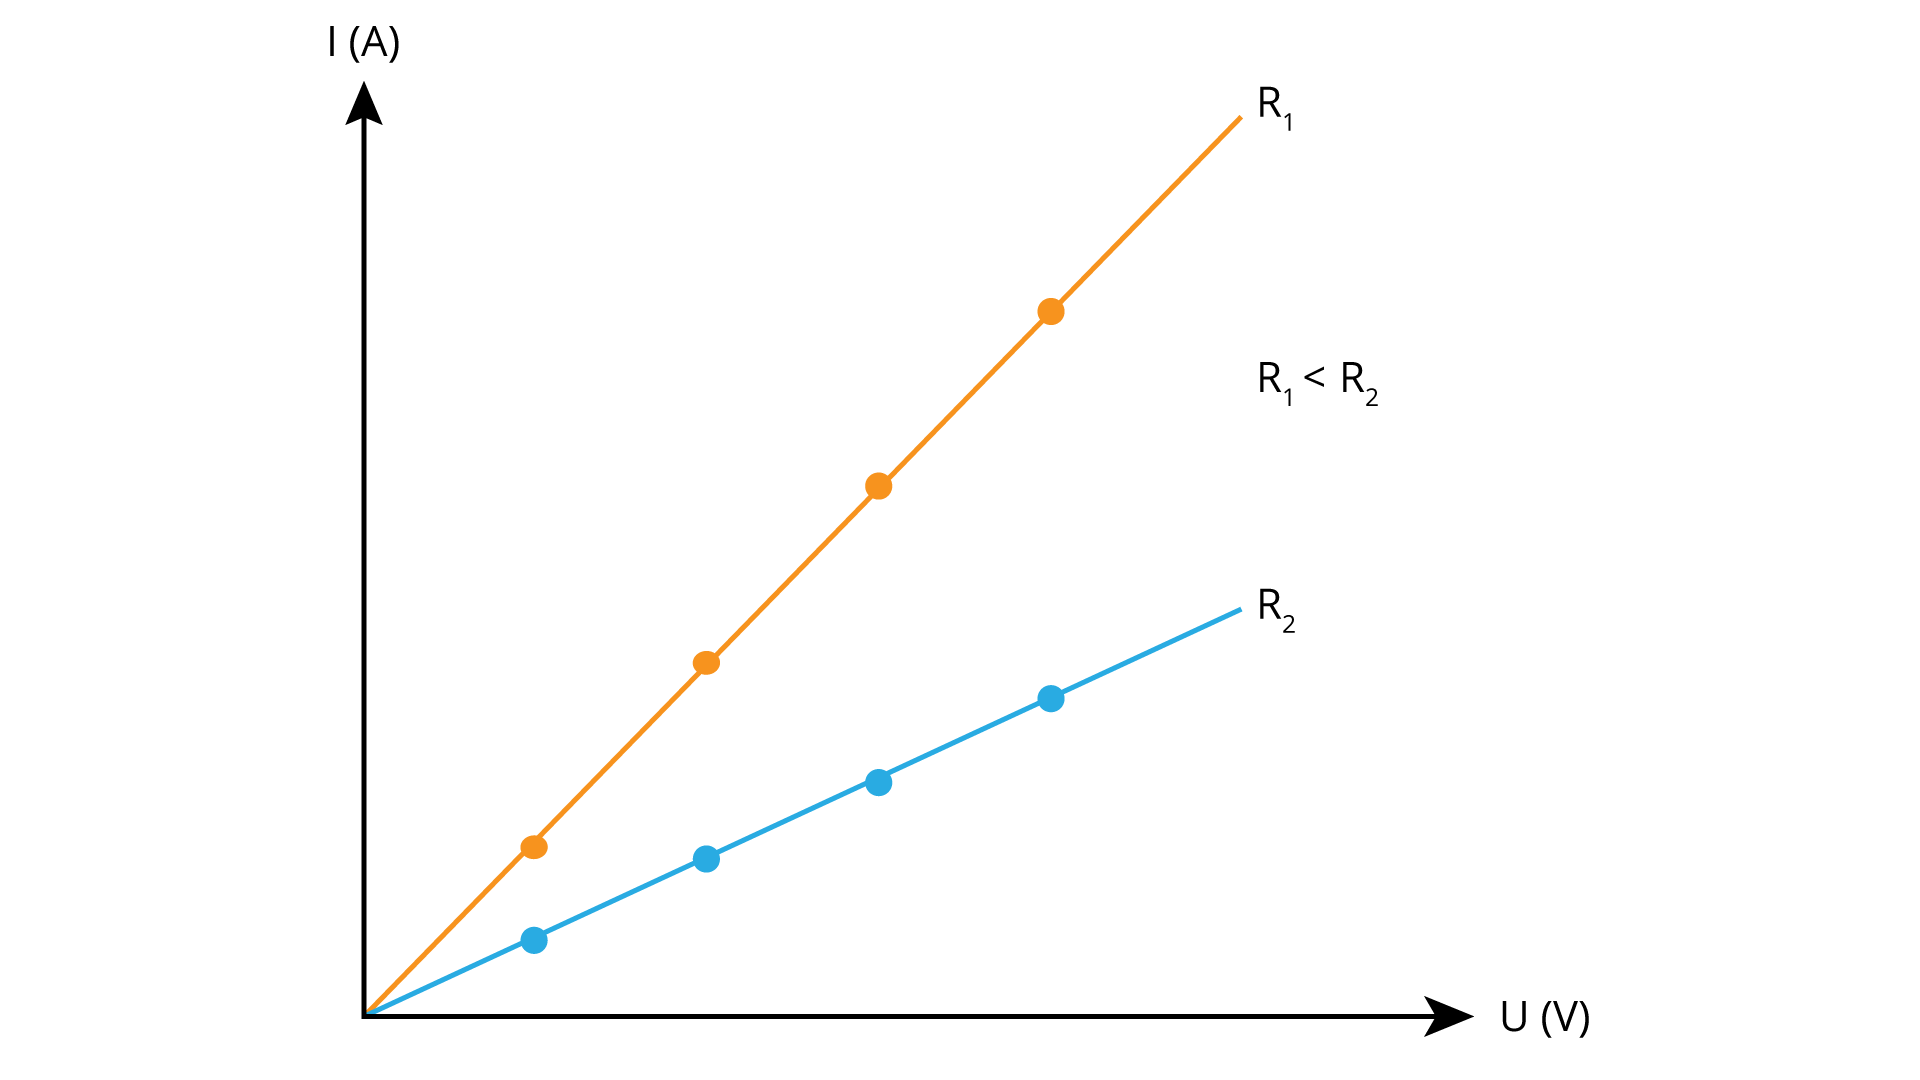 Rysunek przedstawia jakościowe charakterystyki prądowo-napieciowe dwóch oporników omowych ooporach R1 iR2 , przy czym R1 < R2..